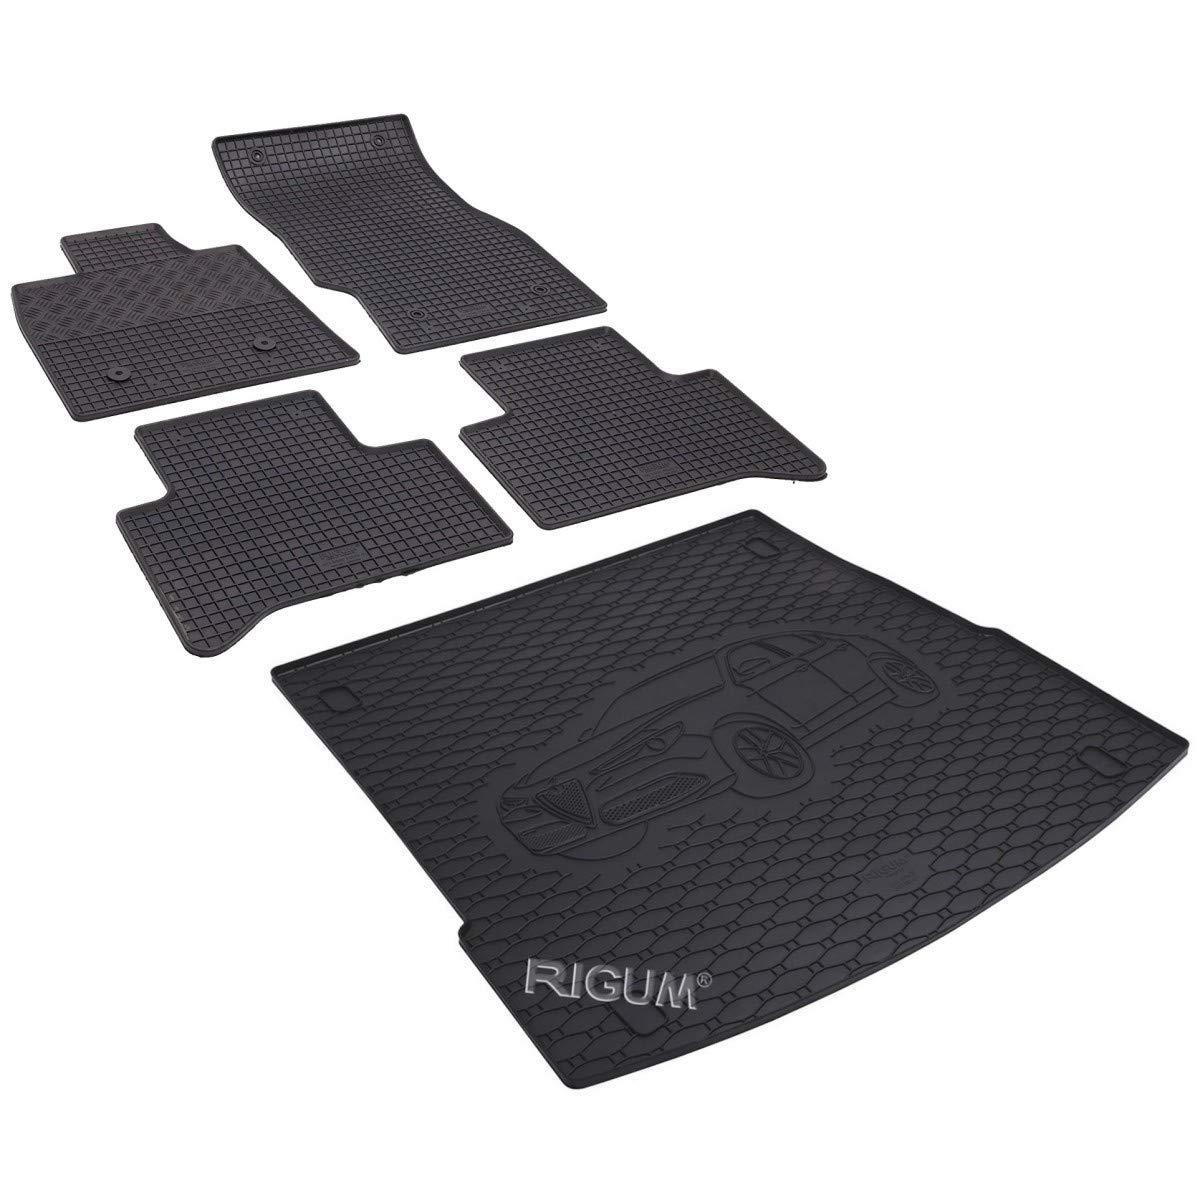 904208-1B-801019 Kit tappeti auto e protezione baule gomma colore nero